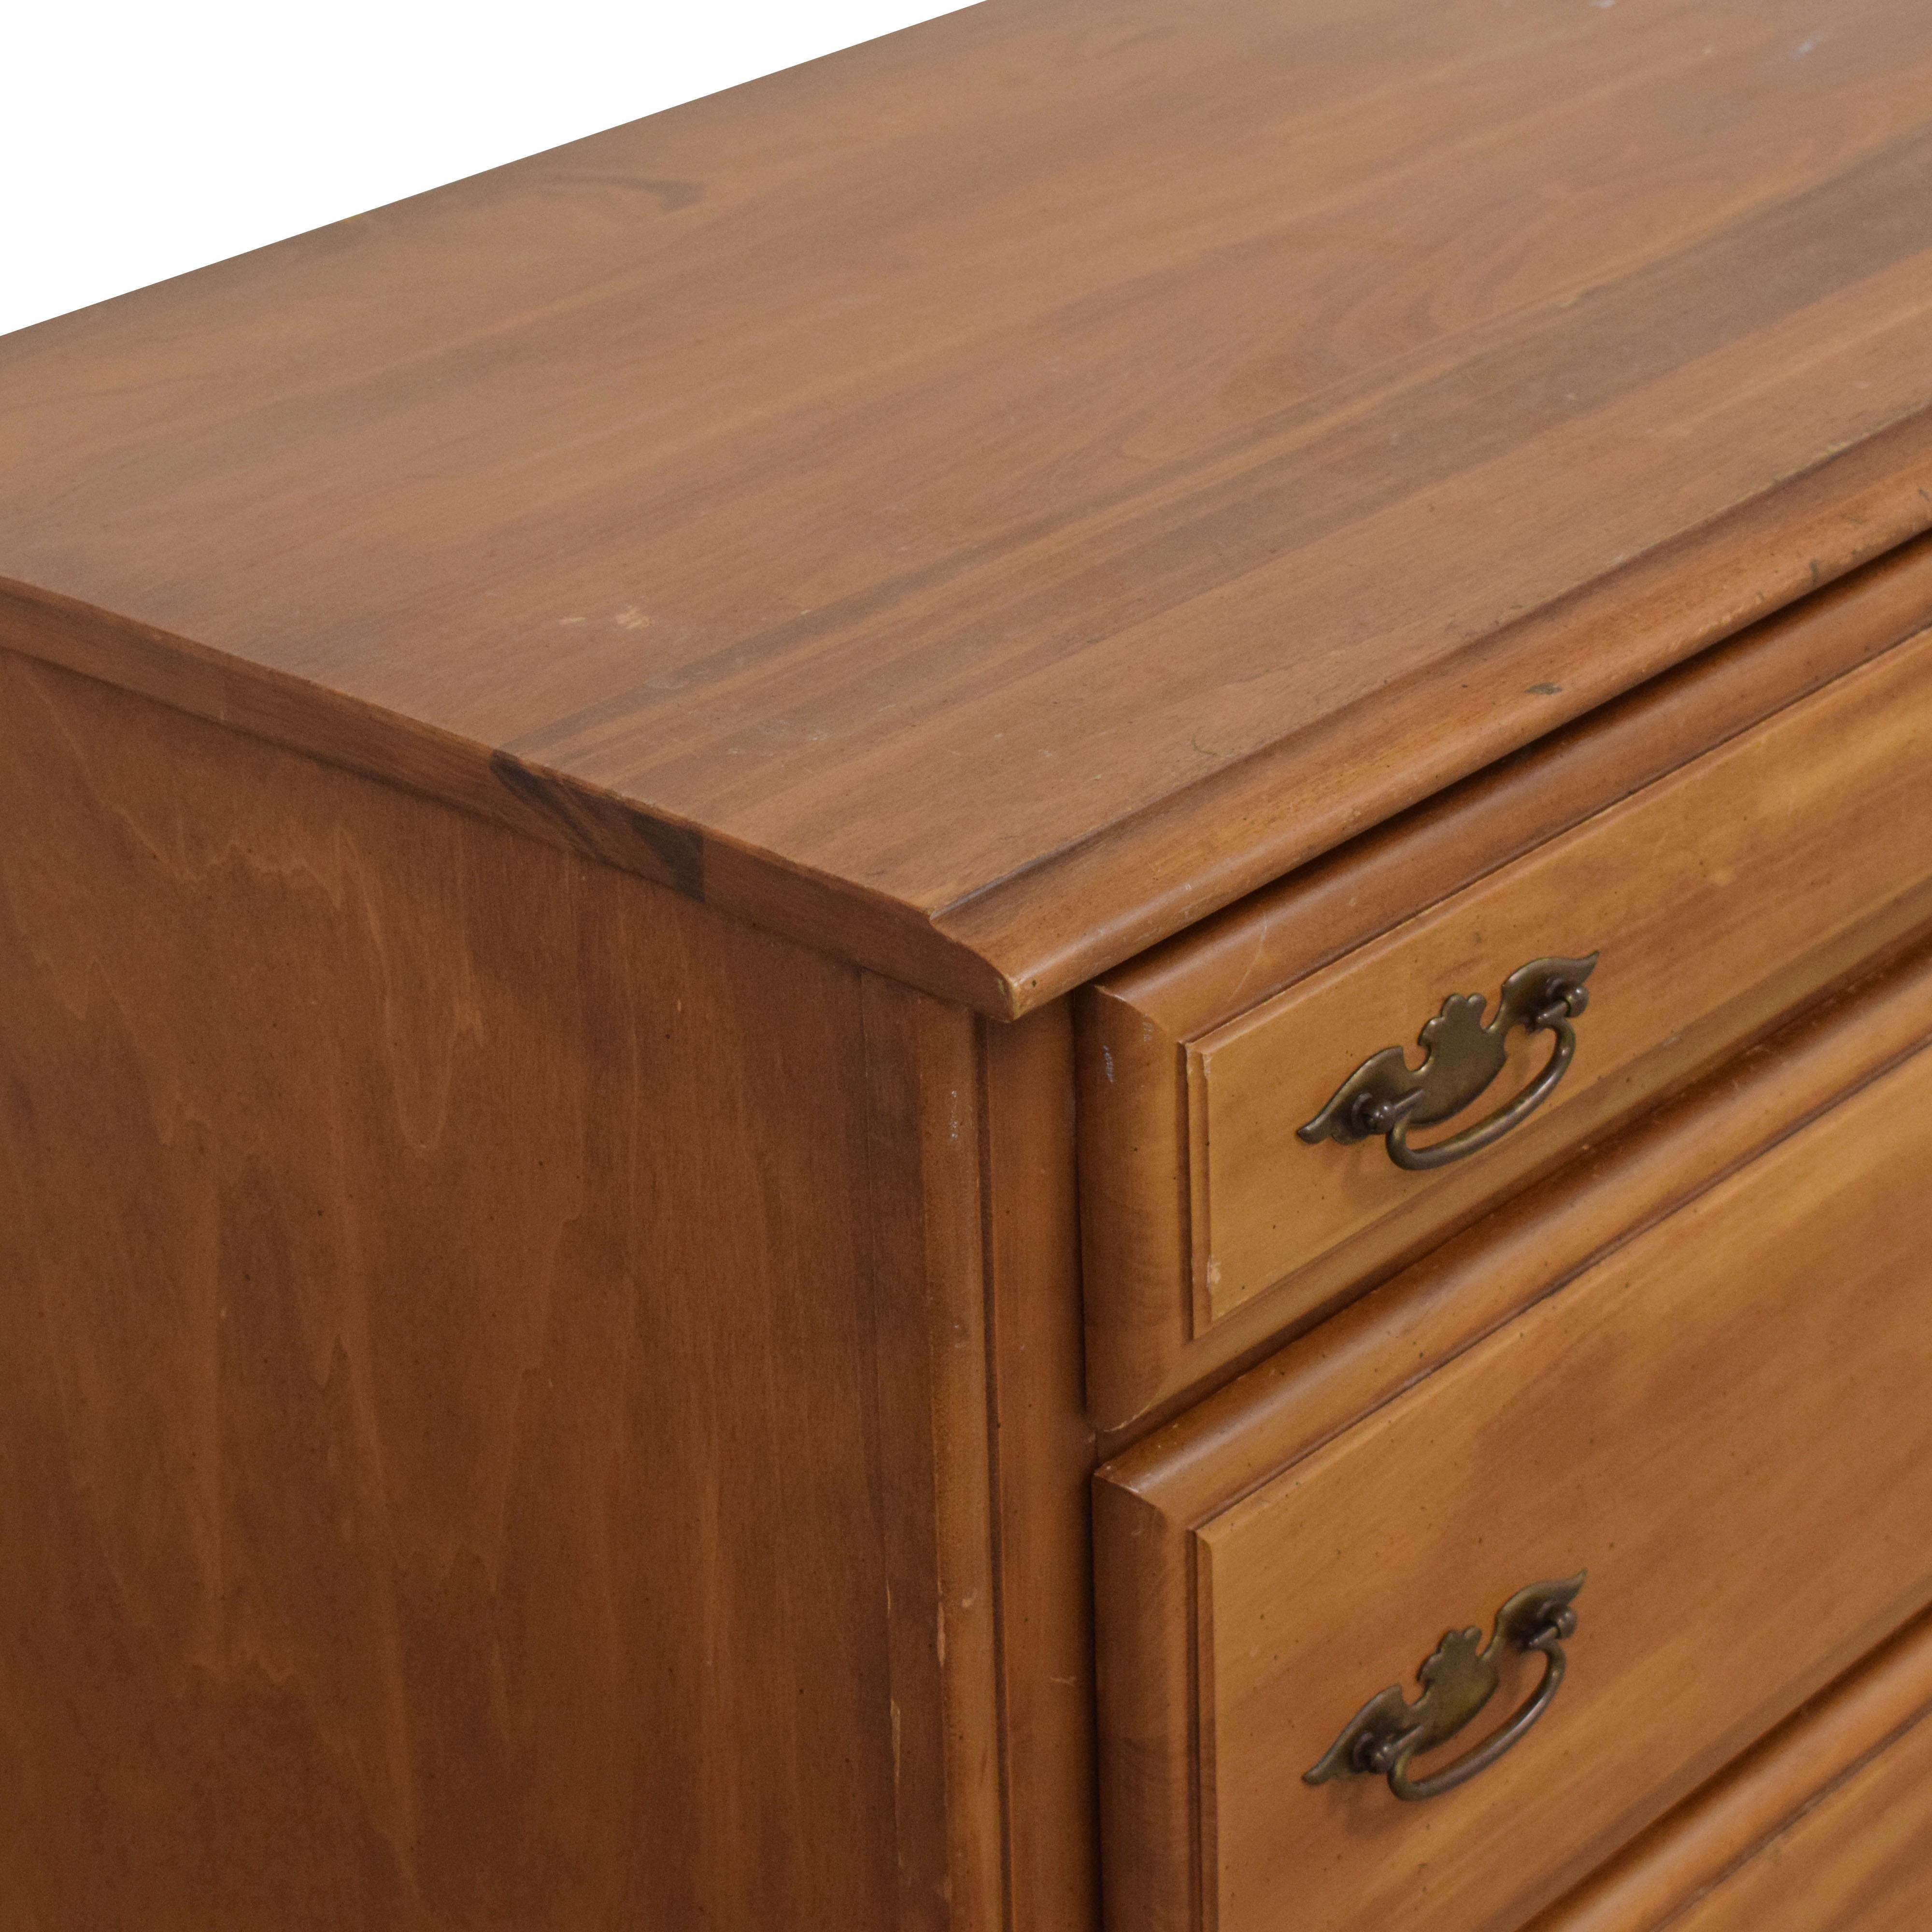 shop Sumter Cabinet Co. Sumter Cabinet Co. Dresser online